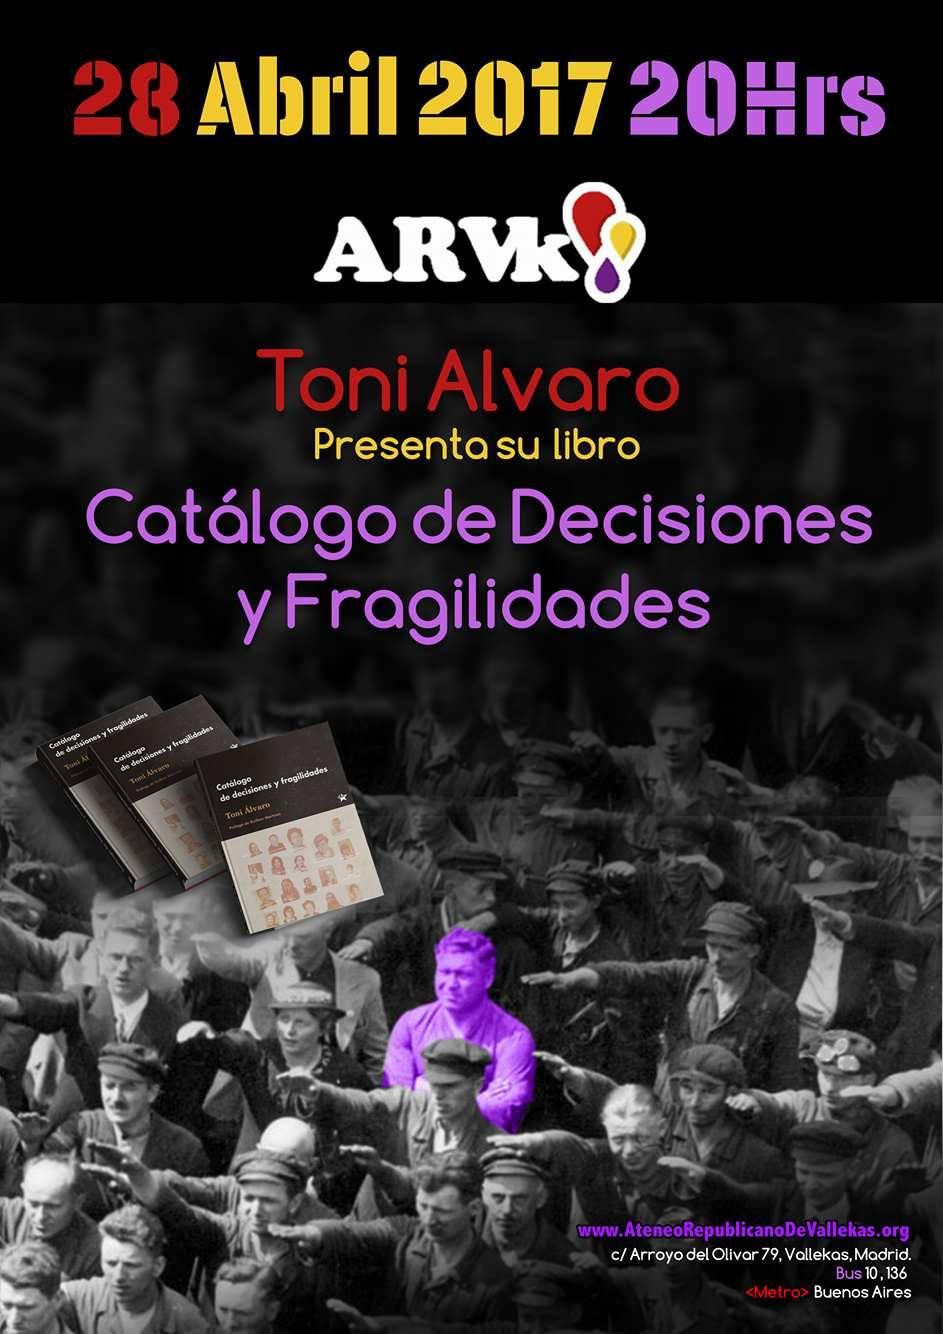 Toni Alvaro